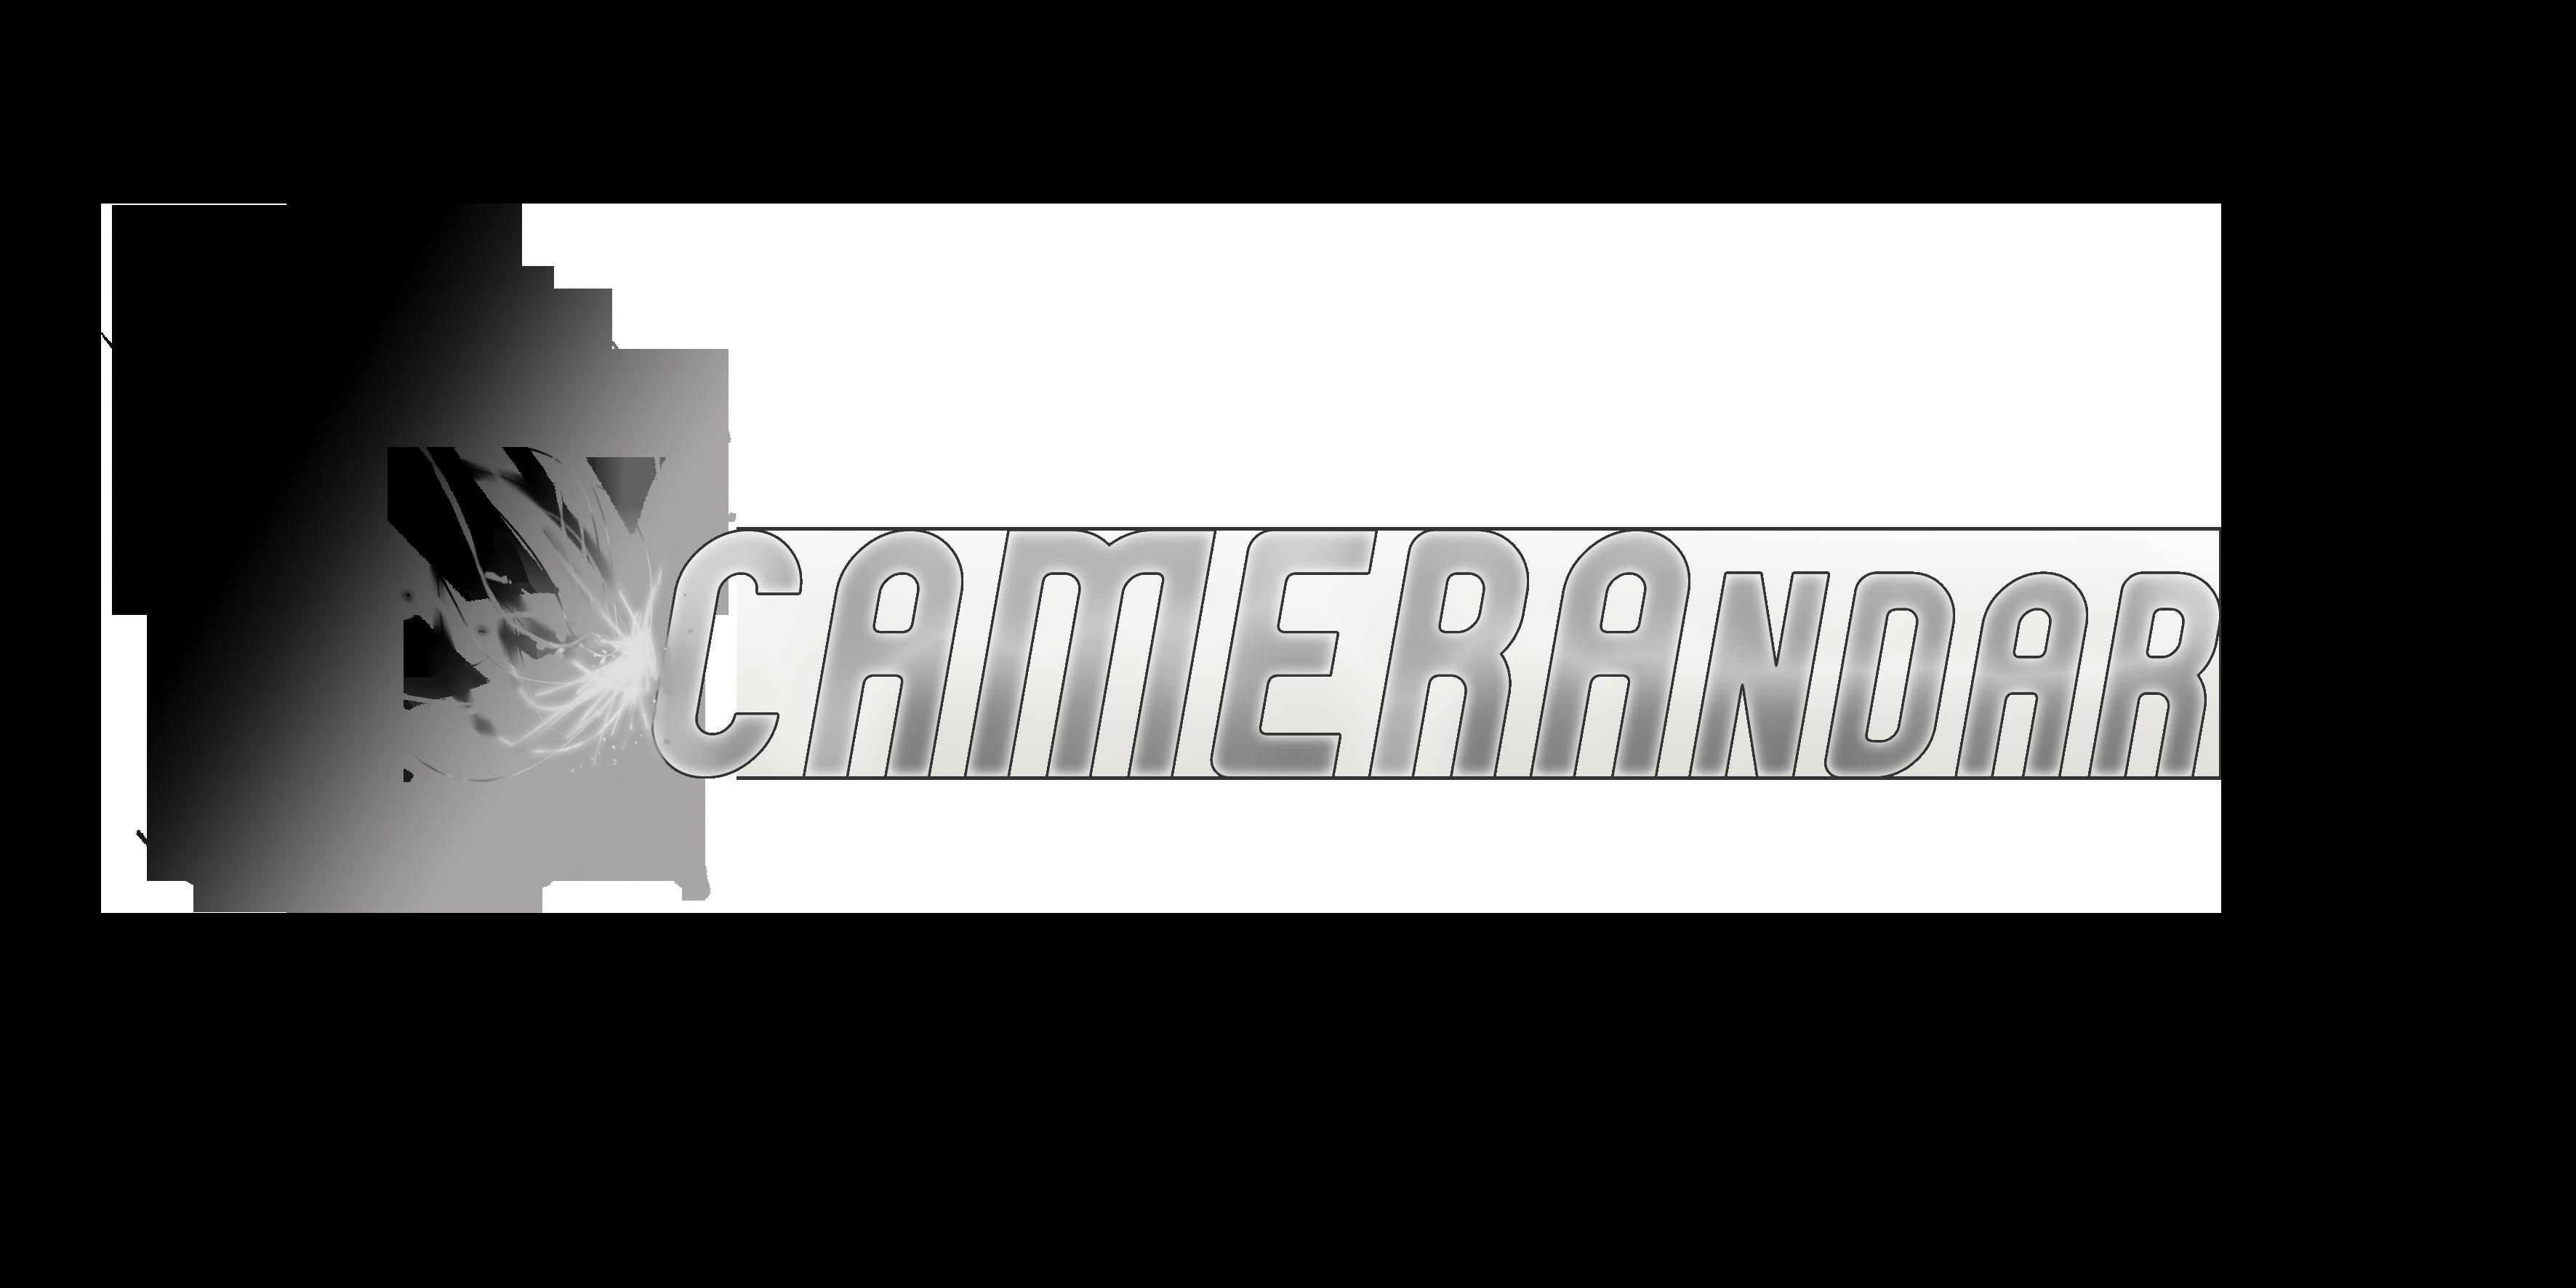 Camerandar